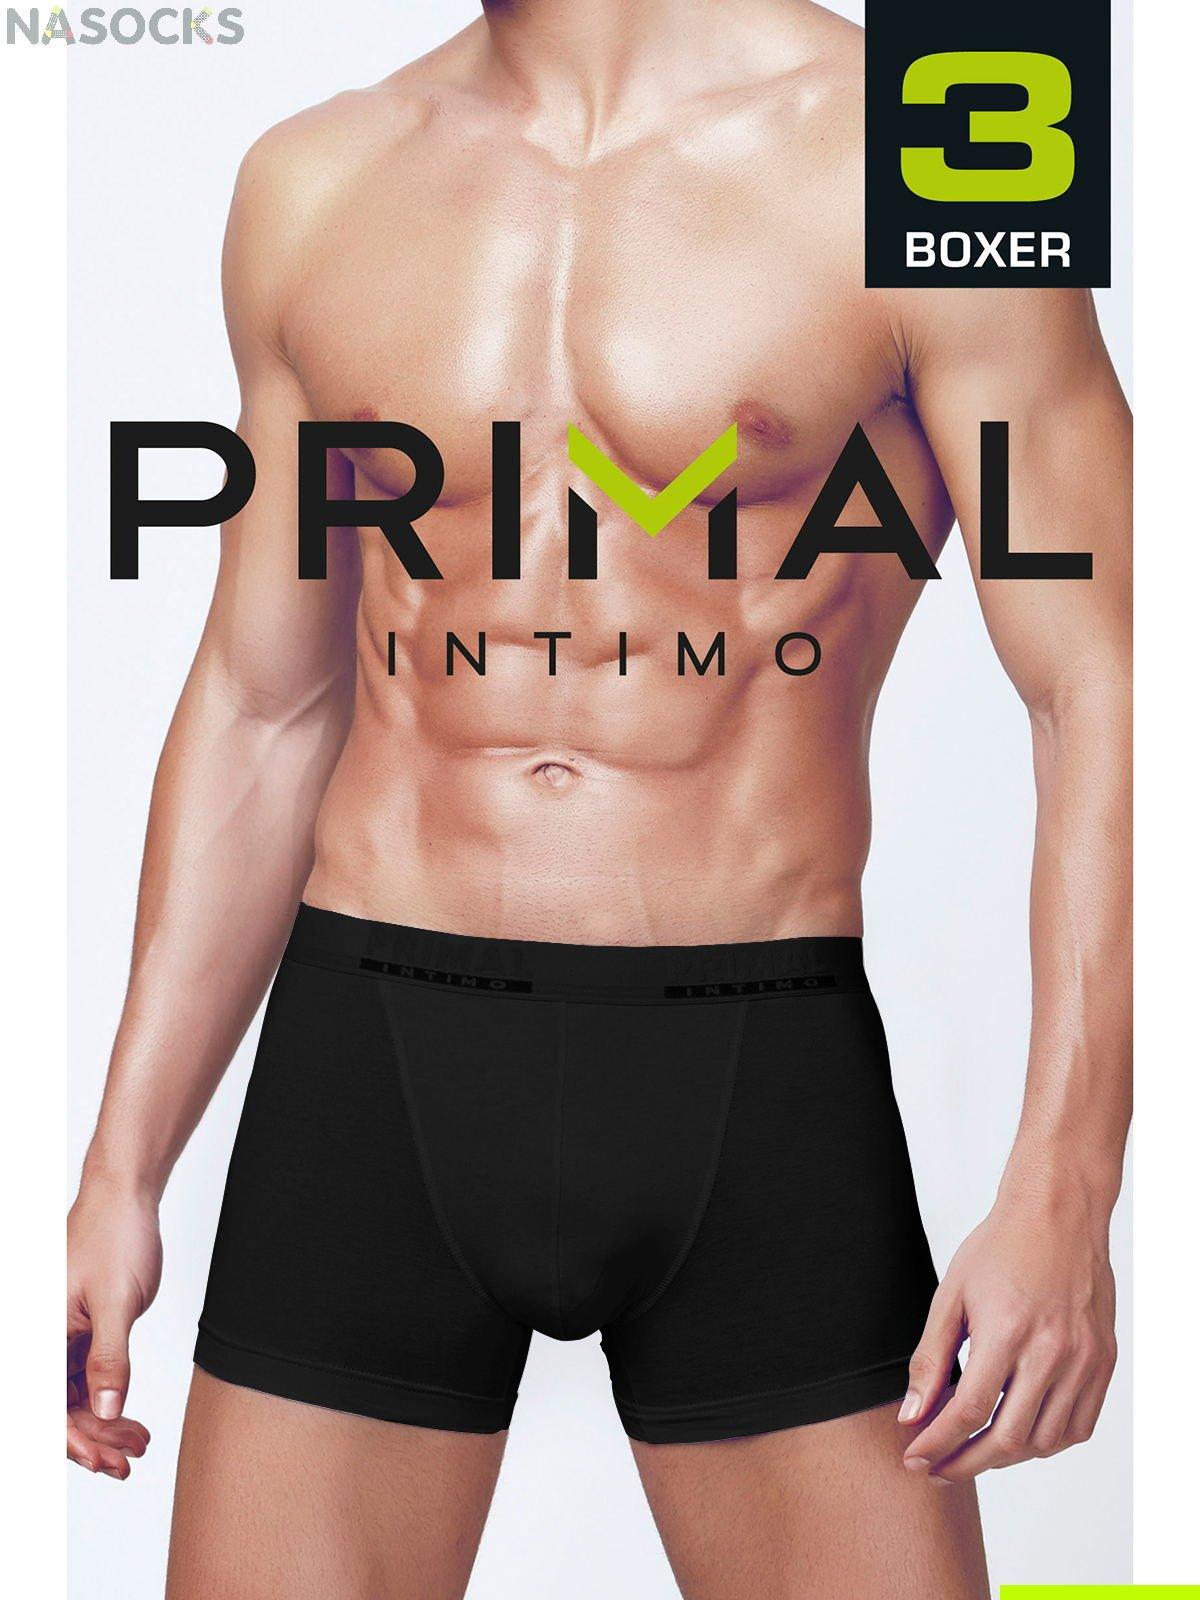 8fc542ef1009 Трусы-боксеры мужские Primal PRIMAL B1200 (3 ШТ.) купить недорого в ...